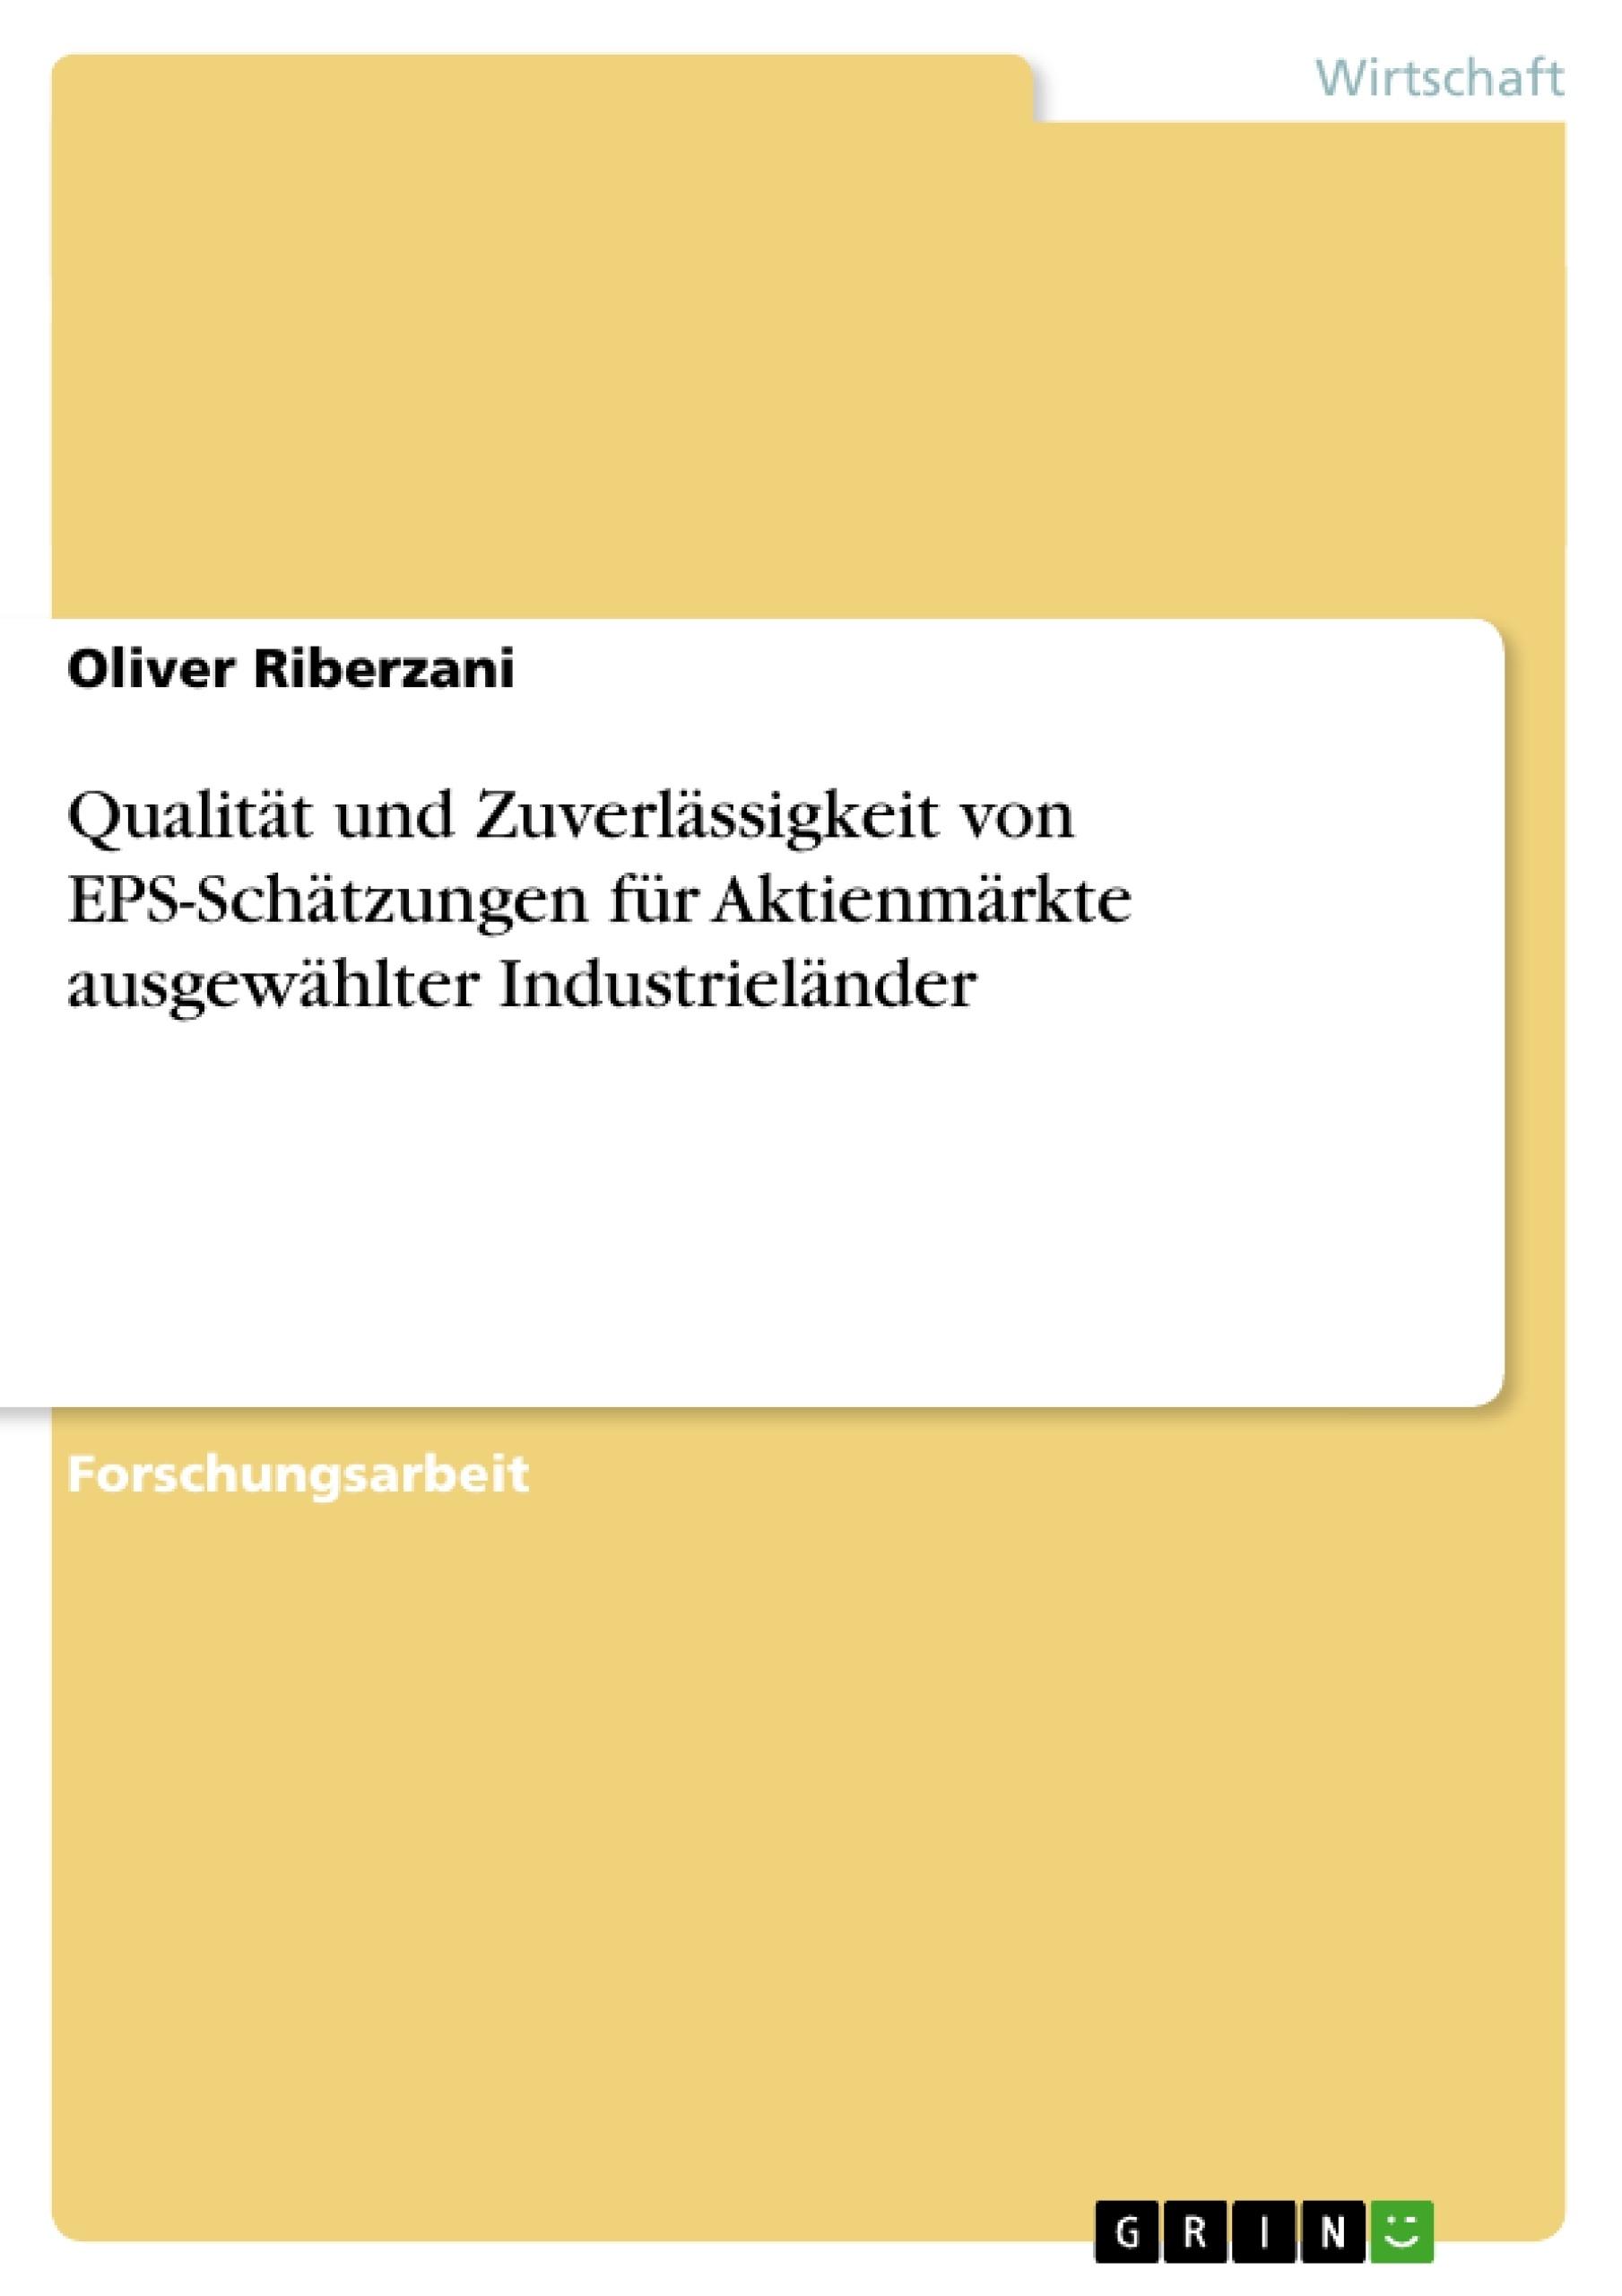 Titel: Qualität und Zuverlässigkeit von EPS-Schätzungen für Aktienmärkte ausgewählter Industrieländer